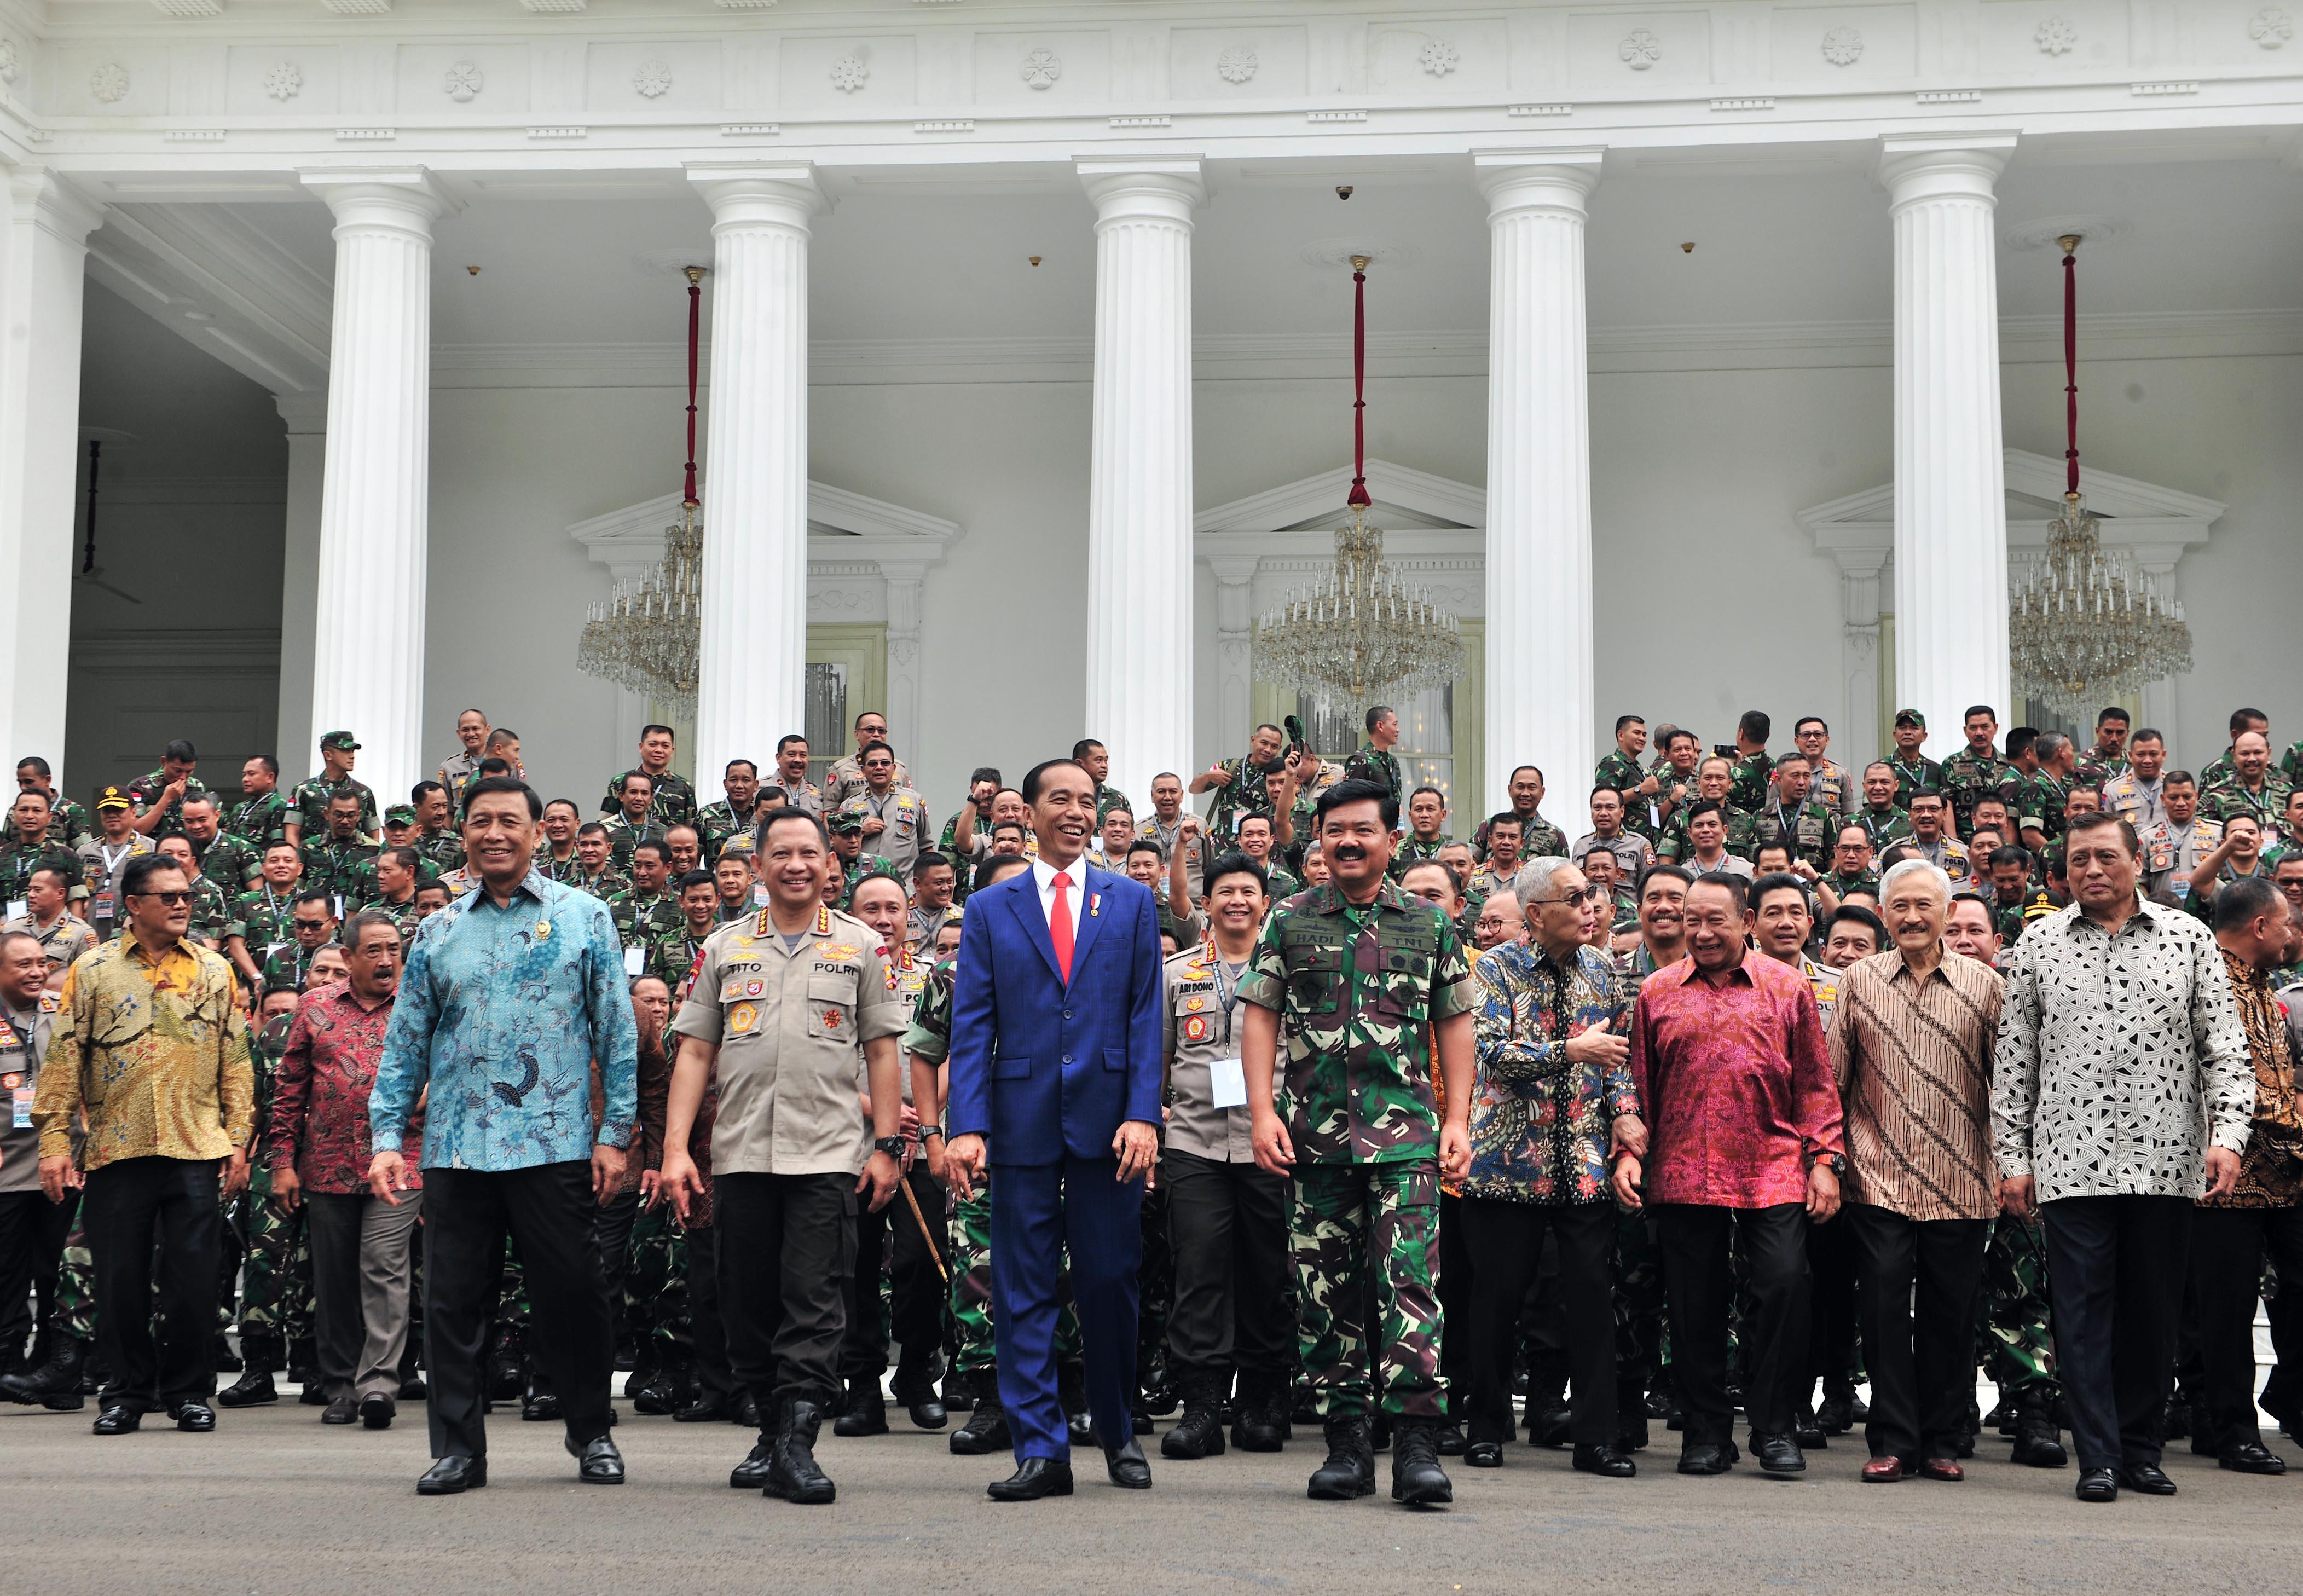 Presiden Jokowi didampingi Menko Polhukam, Panglima TNI, dan Kapolri, berjalan bersama peserta Rapim TNI-Polri, di halaman Istana Merdeka, Jakarta, Selasa (29/1) siang. (Foto: Humas/Jay)